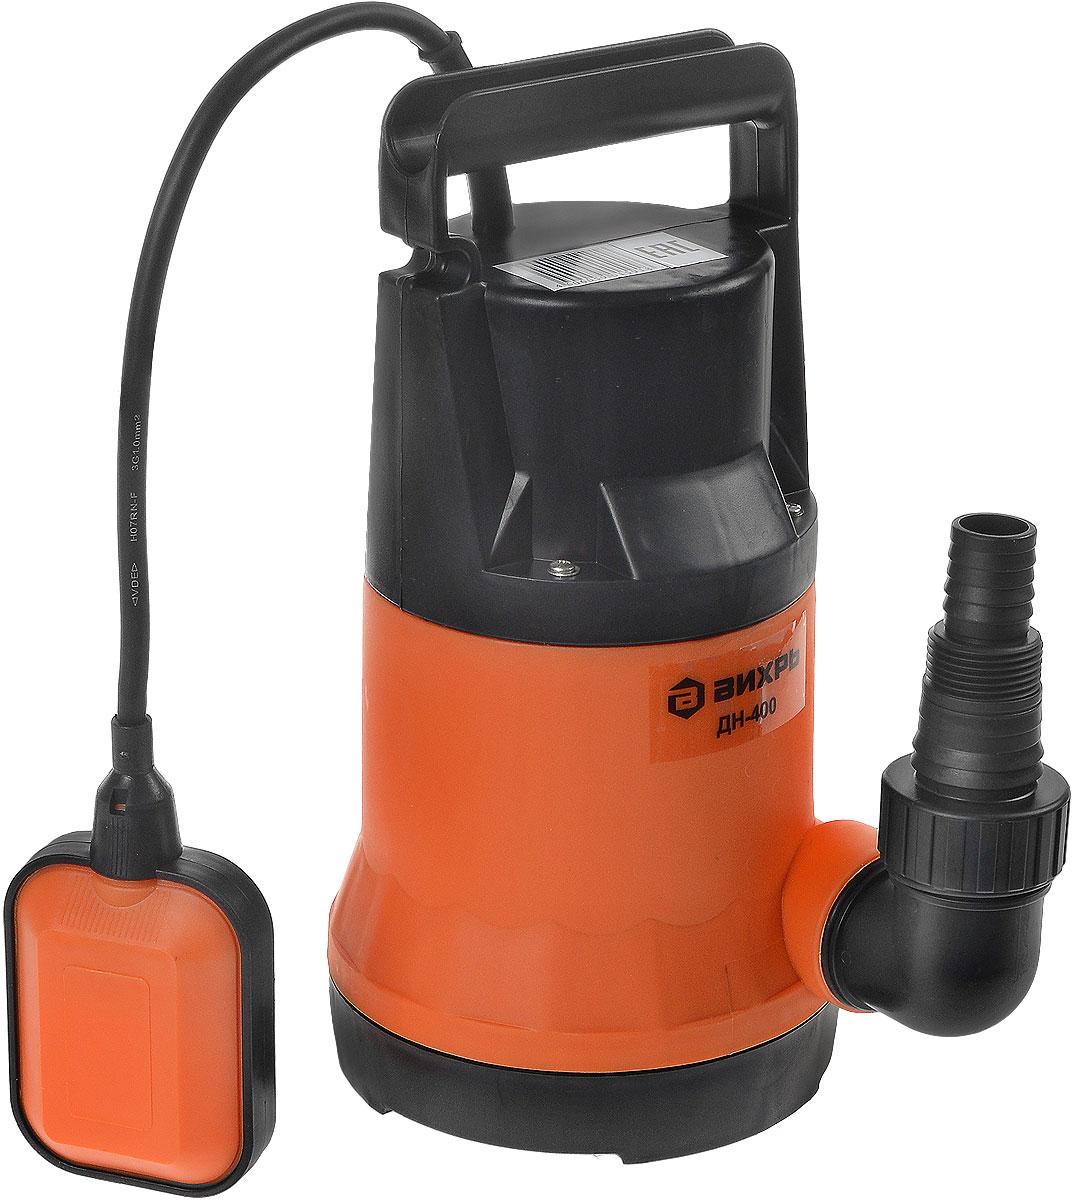 Дренажный насос Вихрь ДН-400 оранжевый68/2/1Дренажный насос Вихрь ДН-400 предназначен для перекачки чистых, дождевых, дренажных и грунтовых вод. Насос может использоваться для орошения или подачи воды из колодцев, открытых водоемов и других источников.